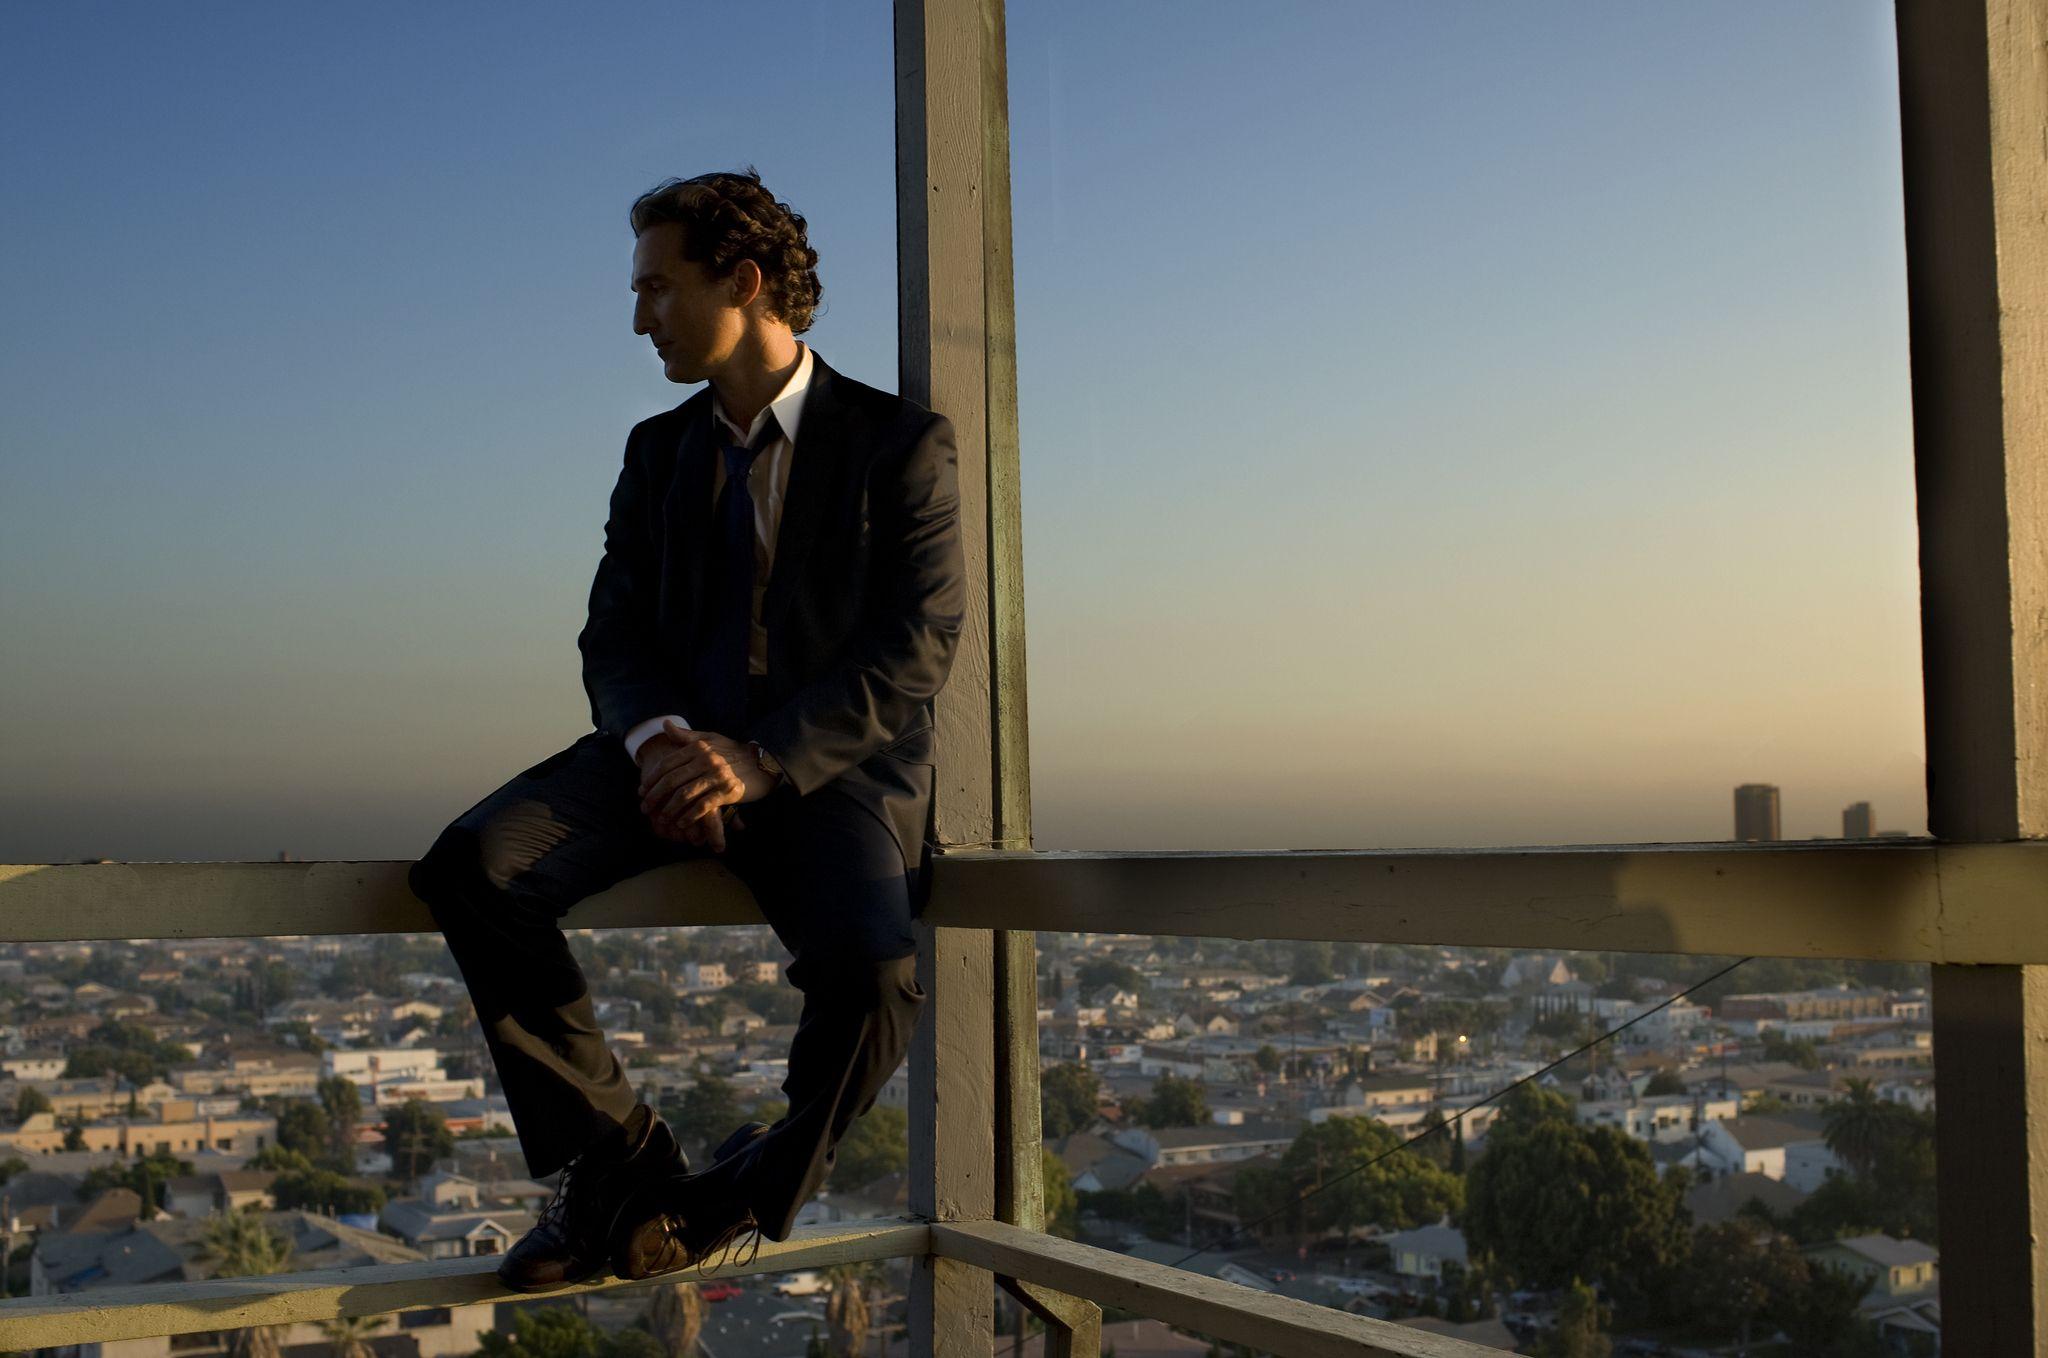 кадры из фильма Линкольн для адвоката Мэтью Макконахи,